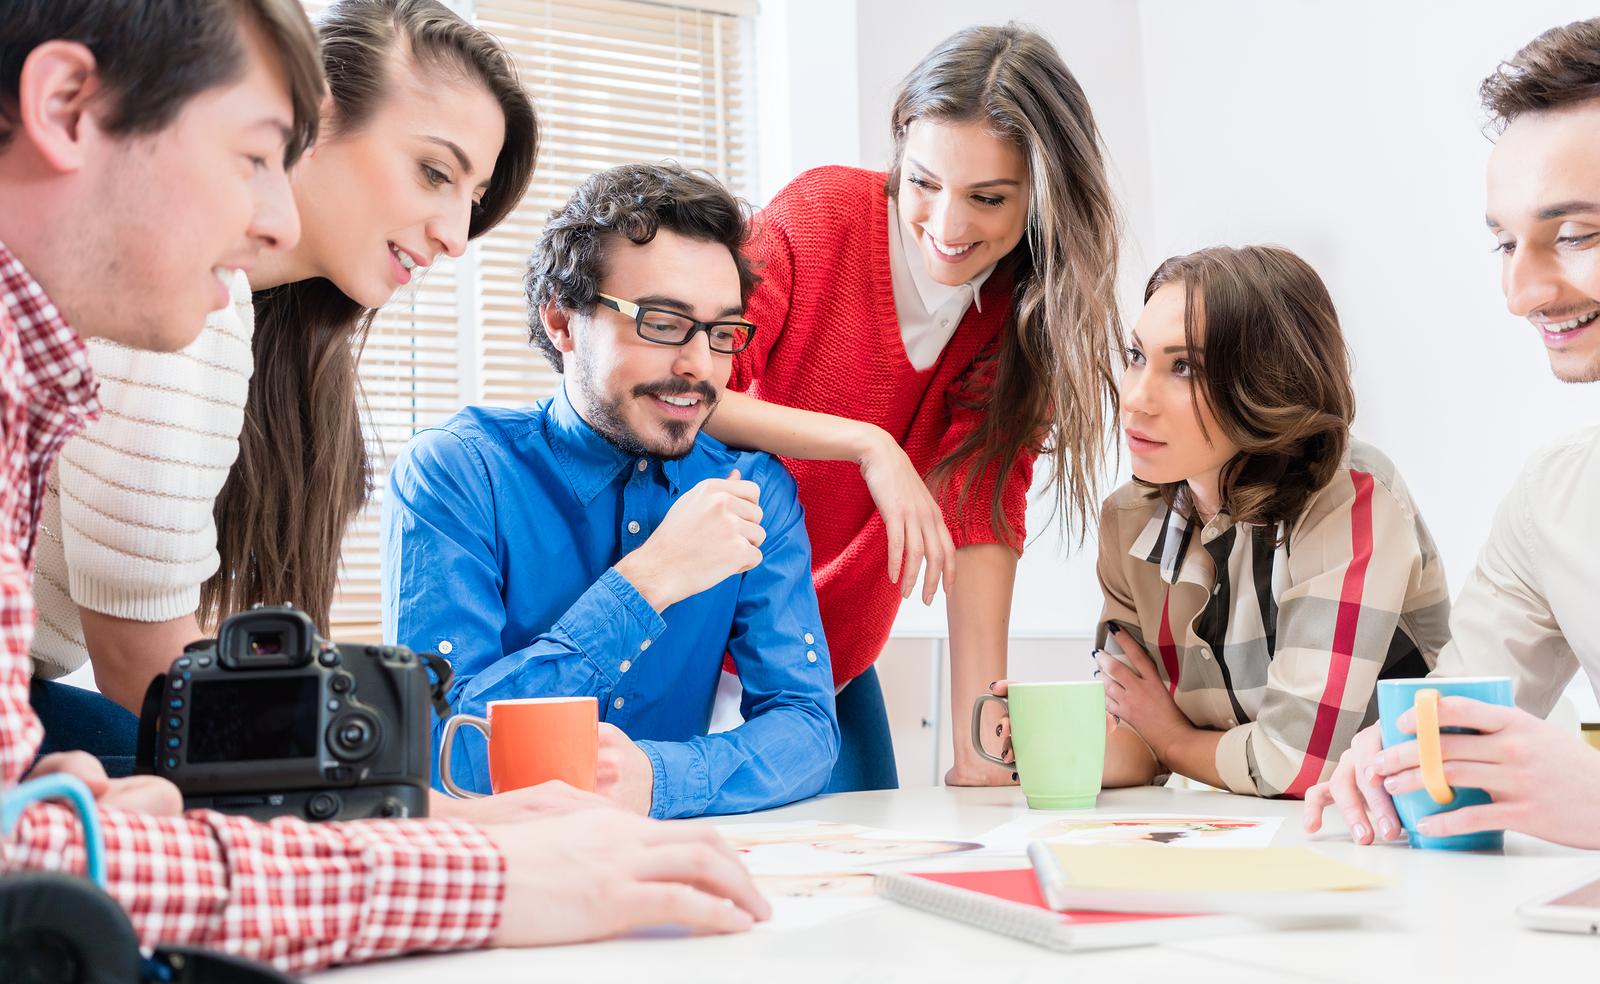 ¿Qué necesita una marca para encontrar una agencia creativa adecuada?